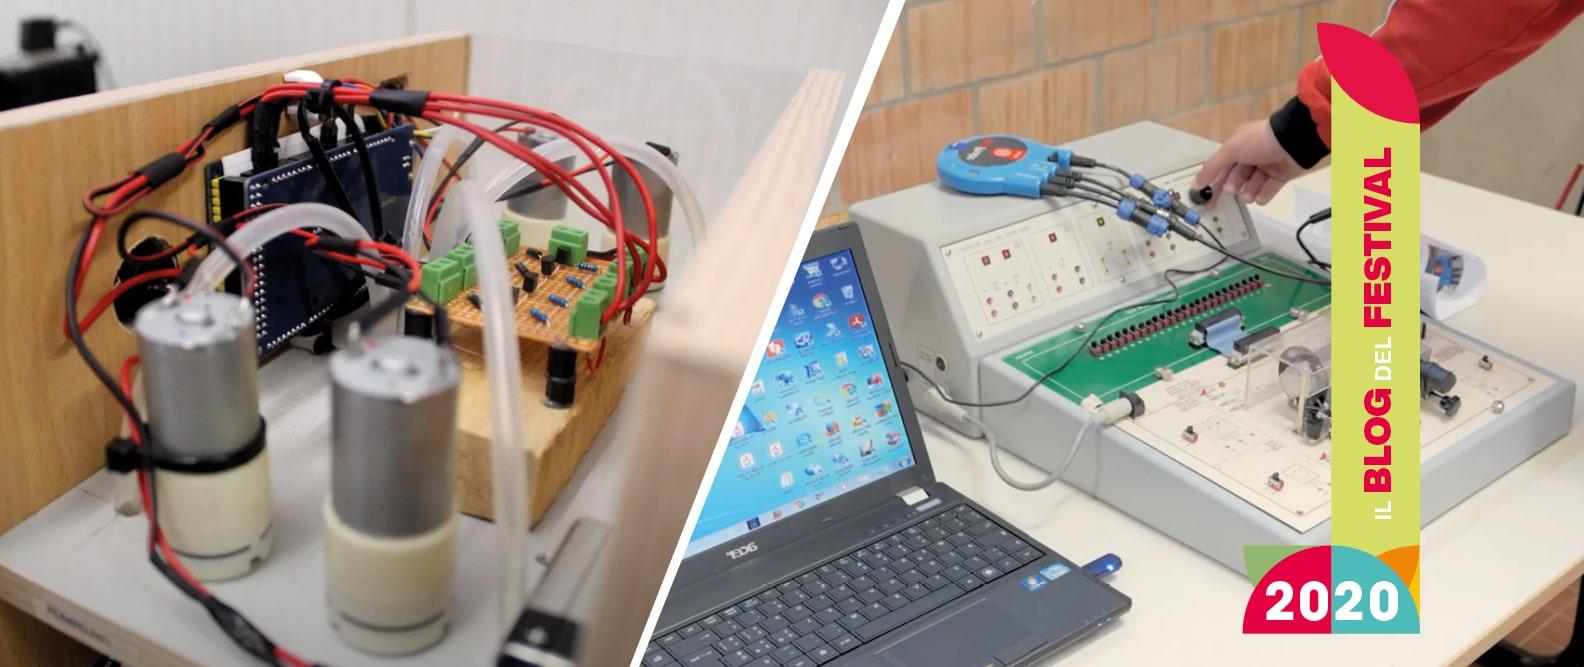 Pillole di Cultura tecnica: simulazioni e dimostrazioni delle tante applicazioni della tecnica e della scienza